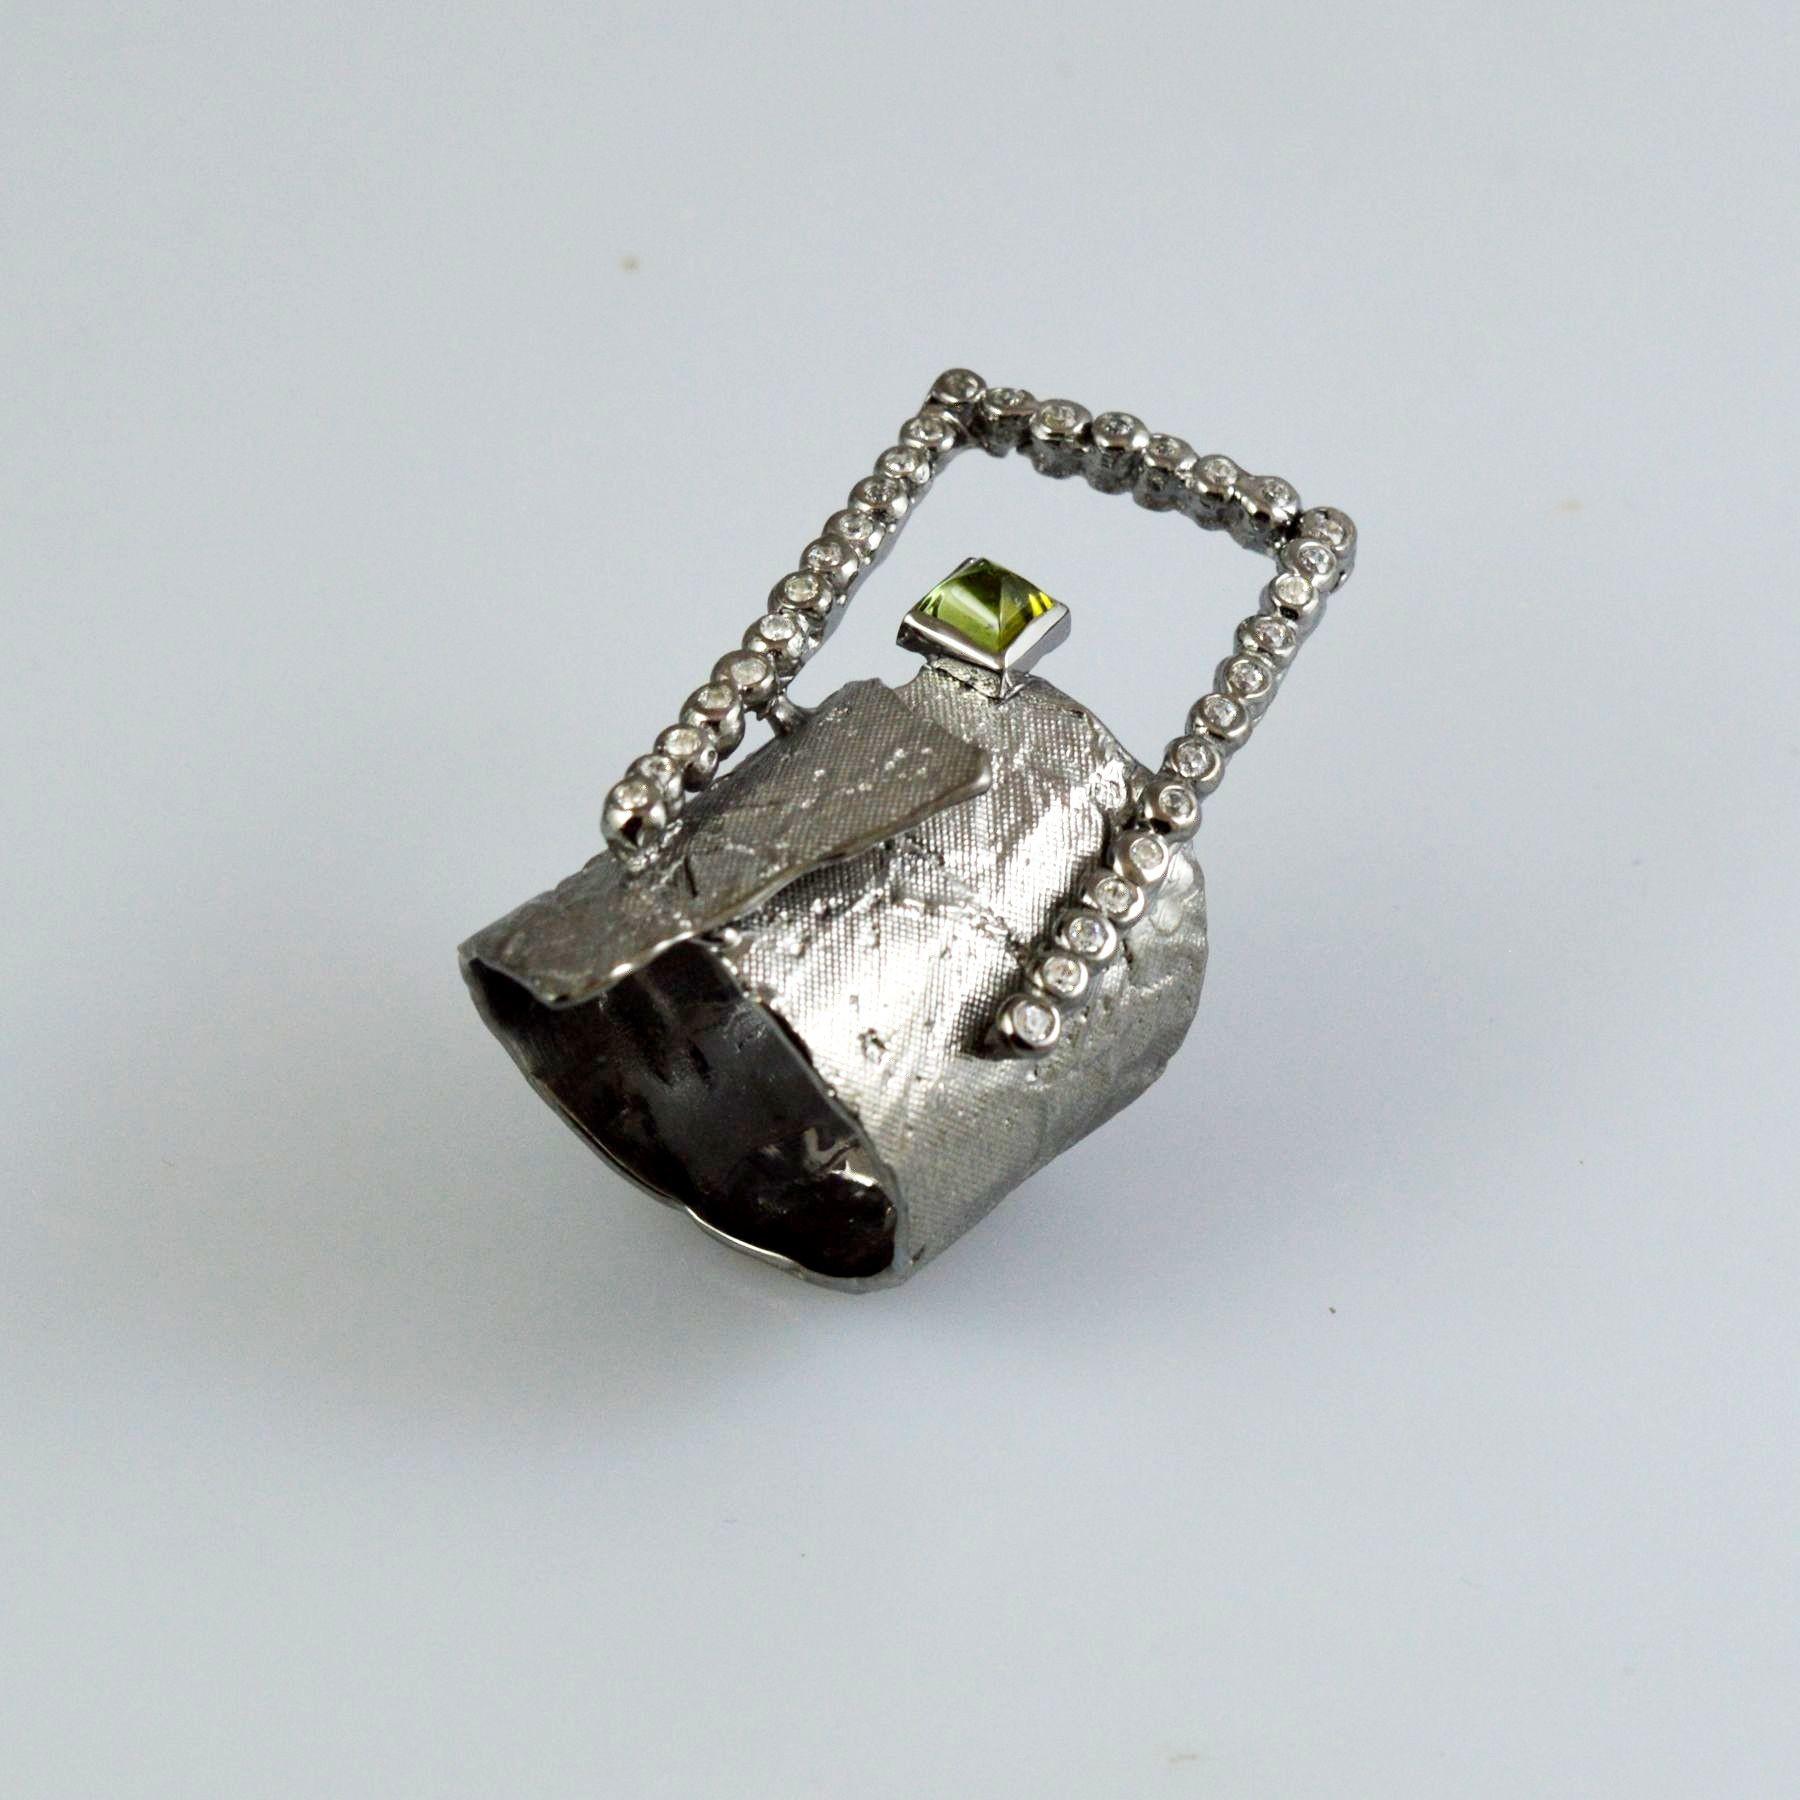 Δαχτυλίδι χειροποίητο από ασήμι 925 με μαύρη επιροδίωση και κυβικά ζιρκόνια και τουρμαλίνη